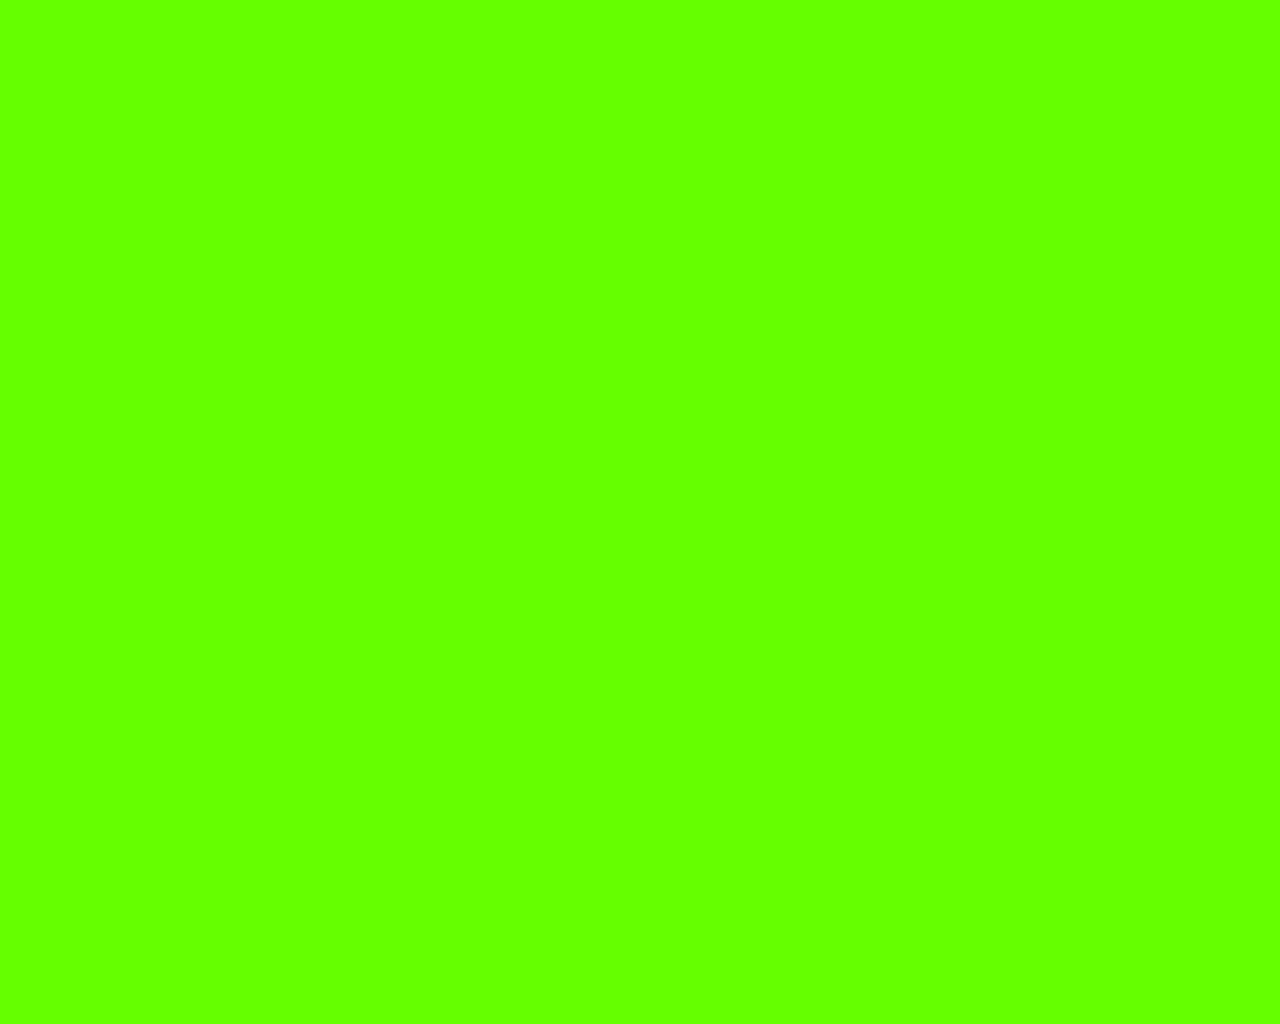 Bright Green Wallpaper - WallpaperSafari